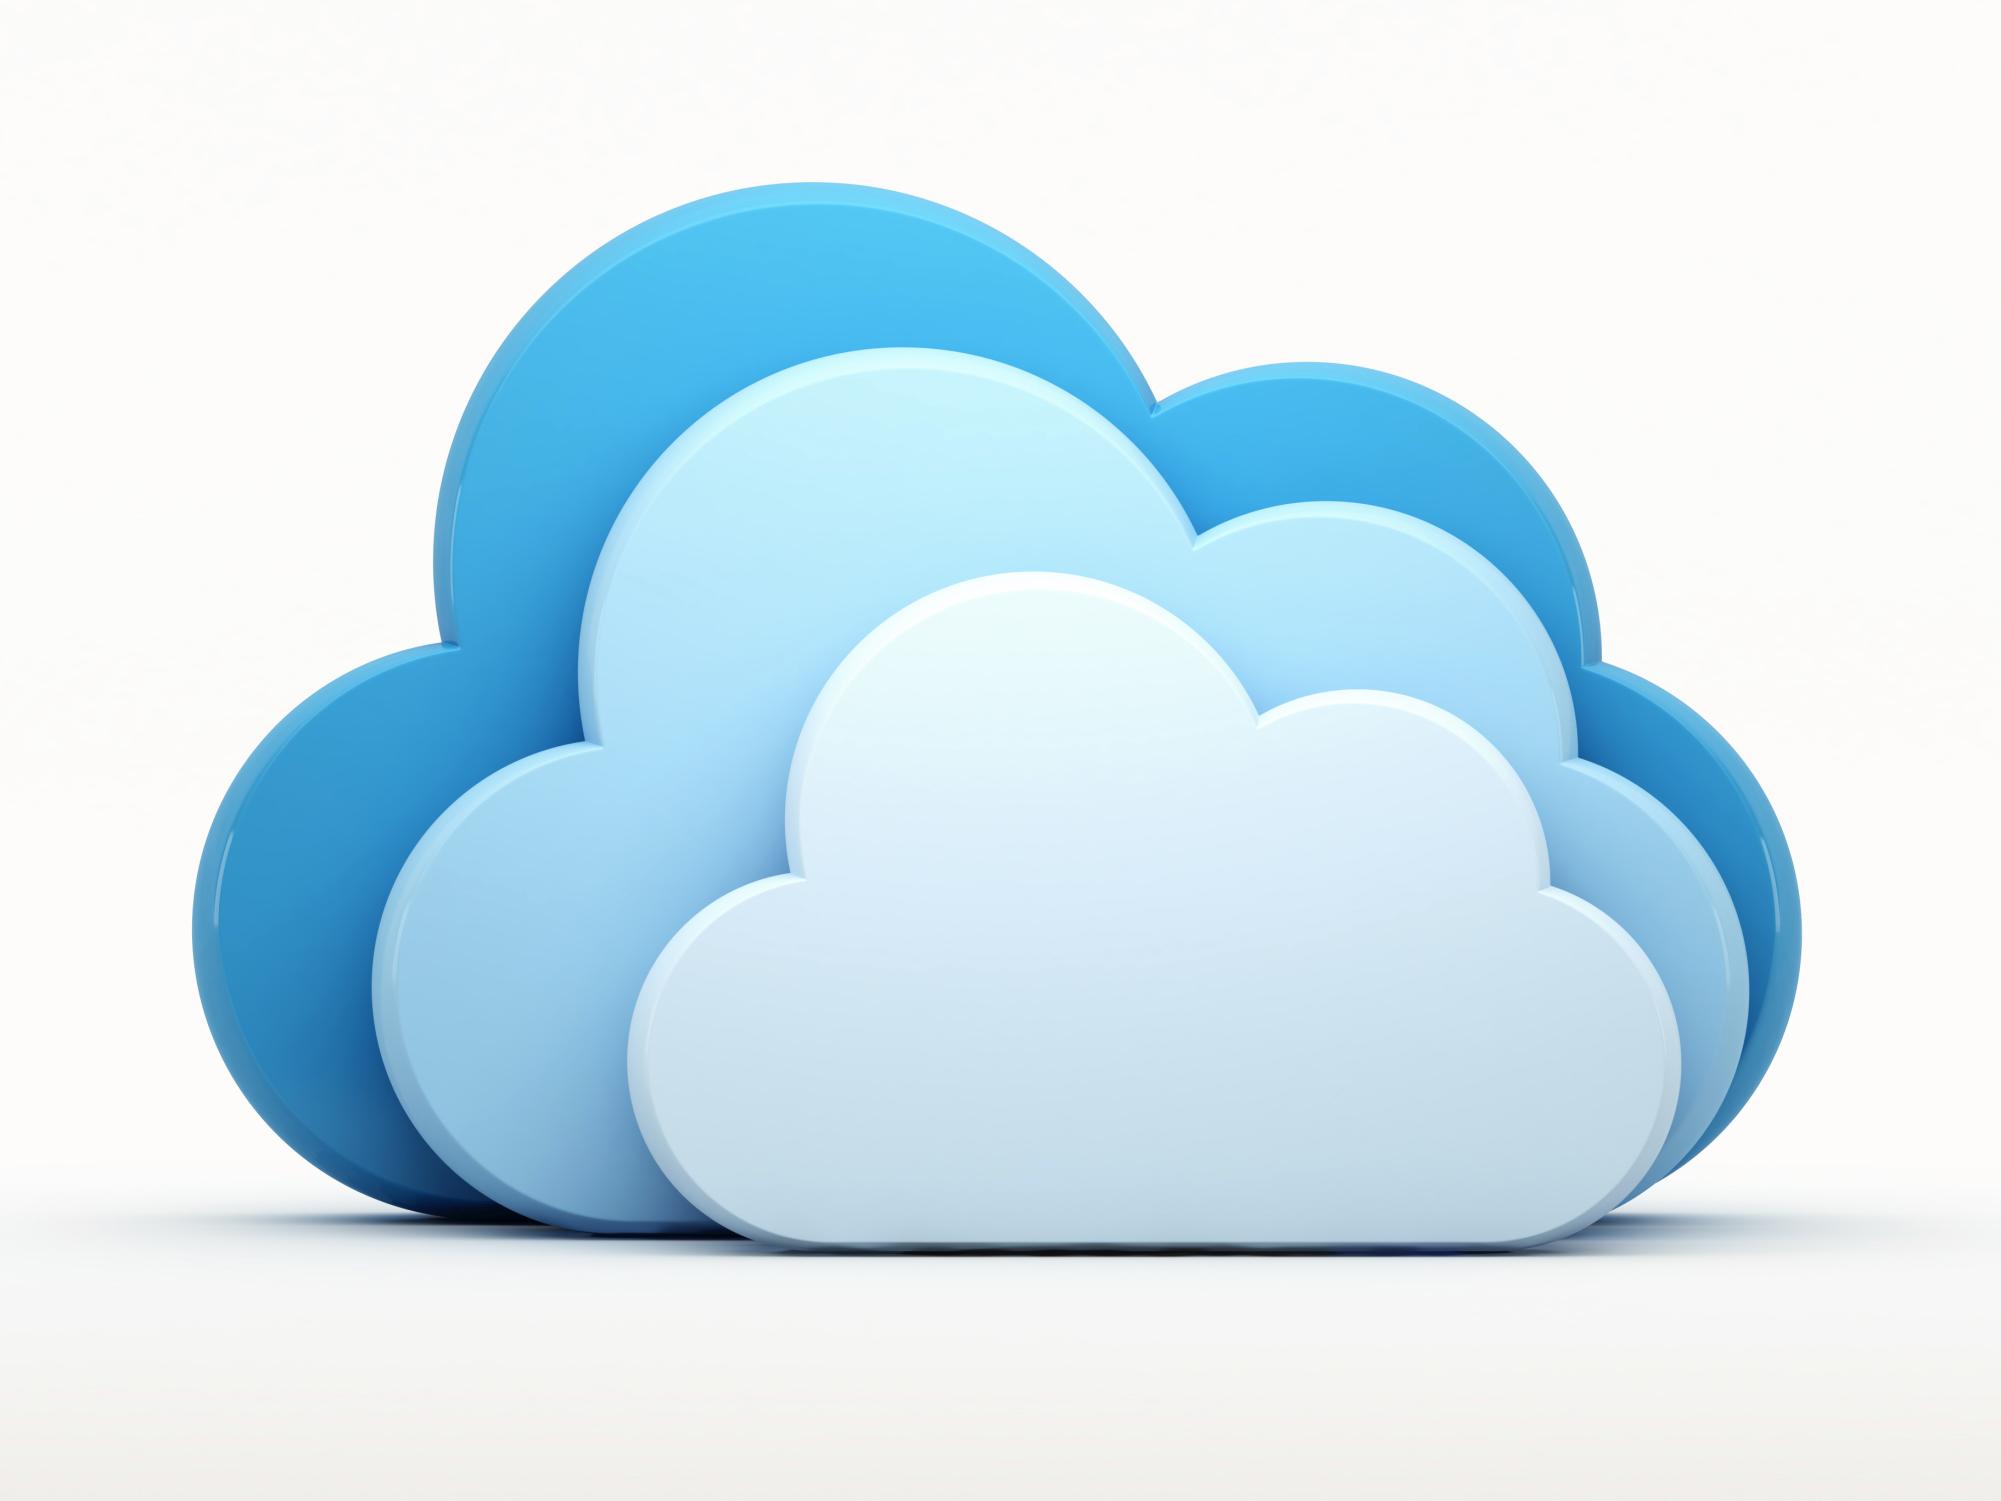 советую обращаться облачное хранилище фотографий в адобе неё очень